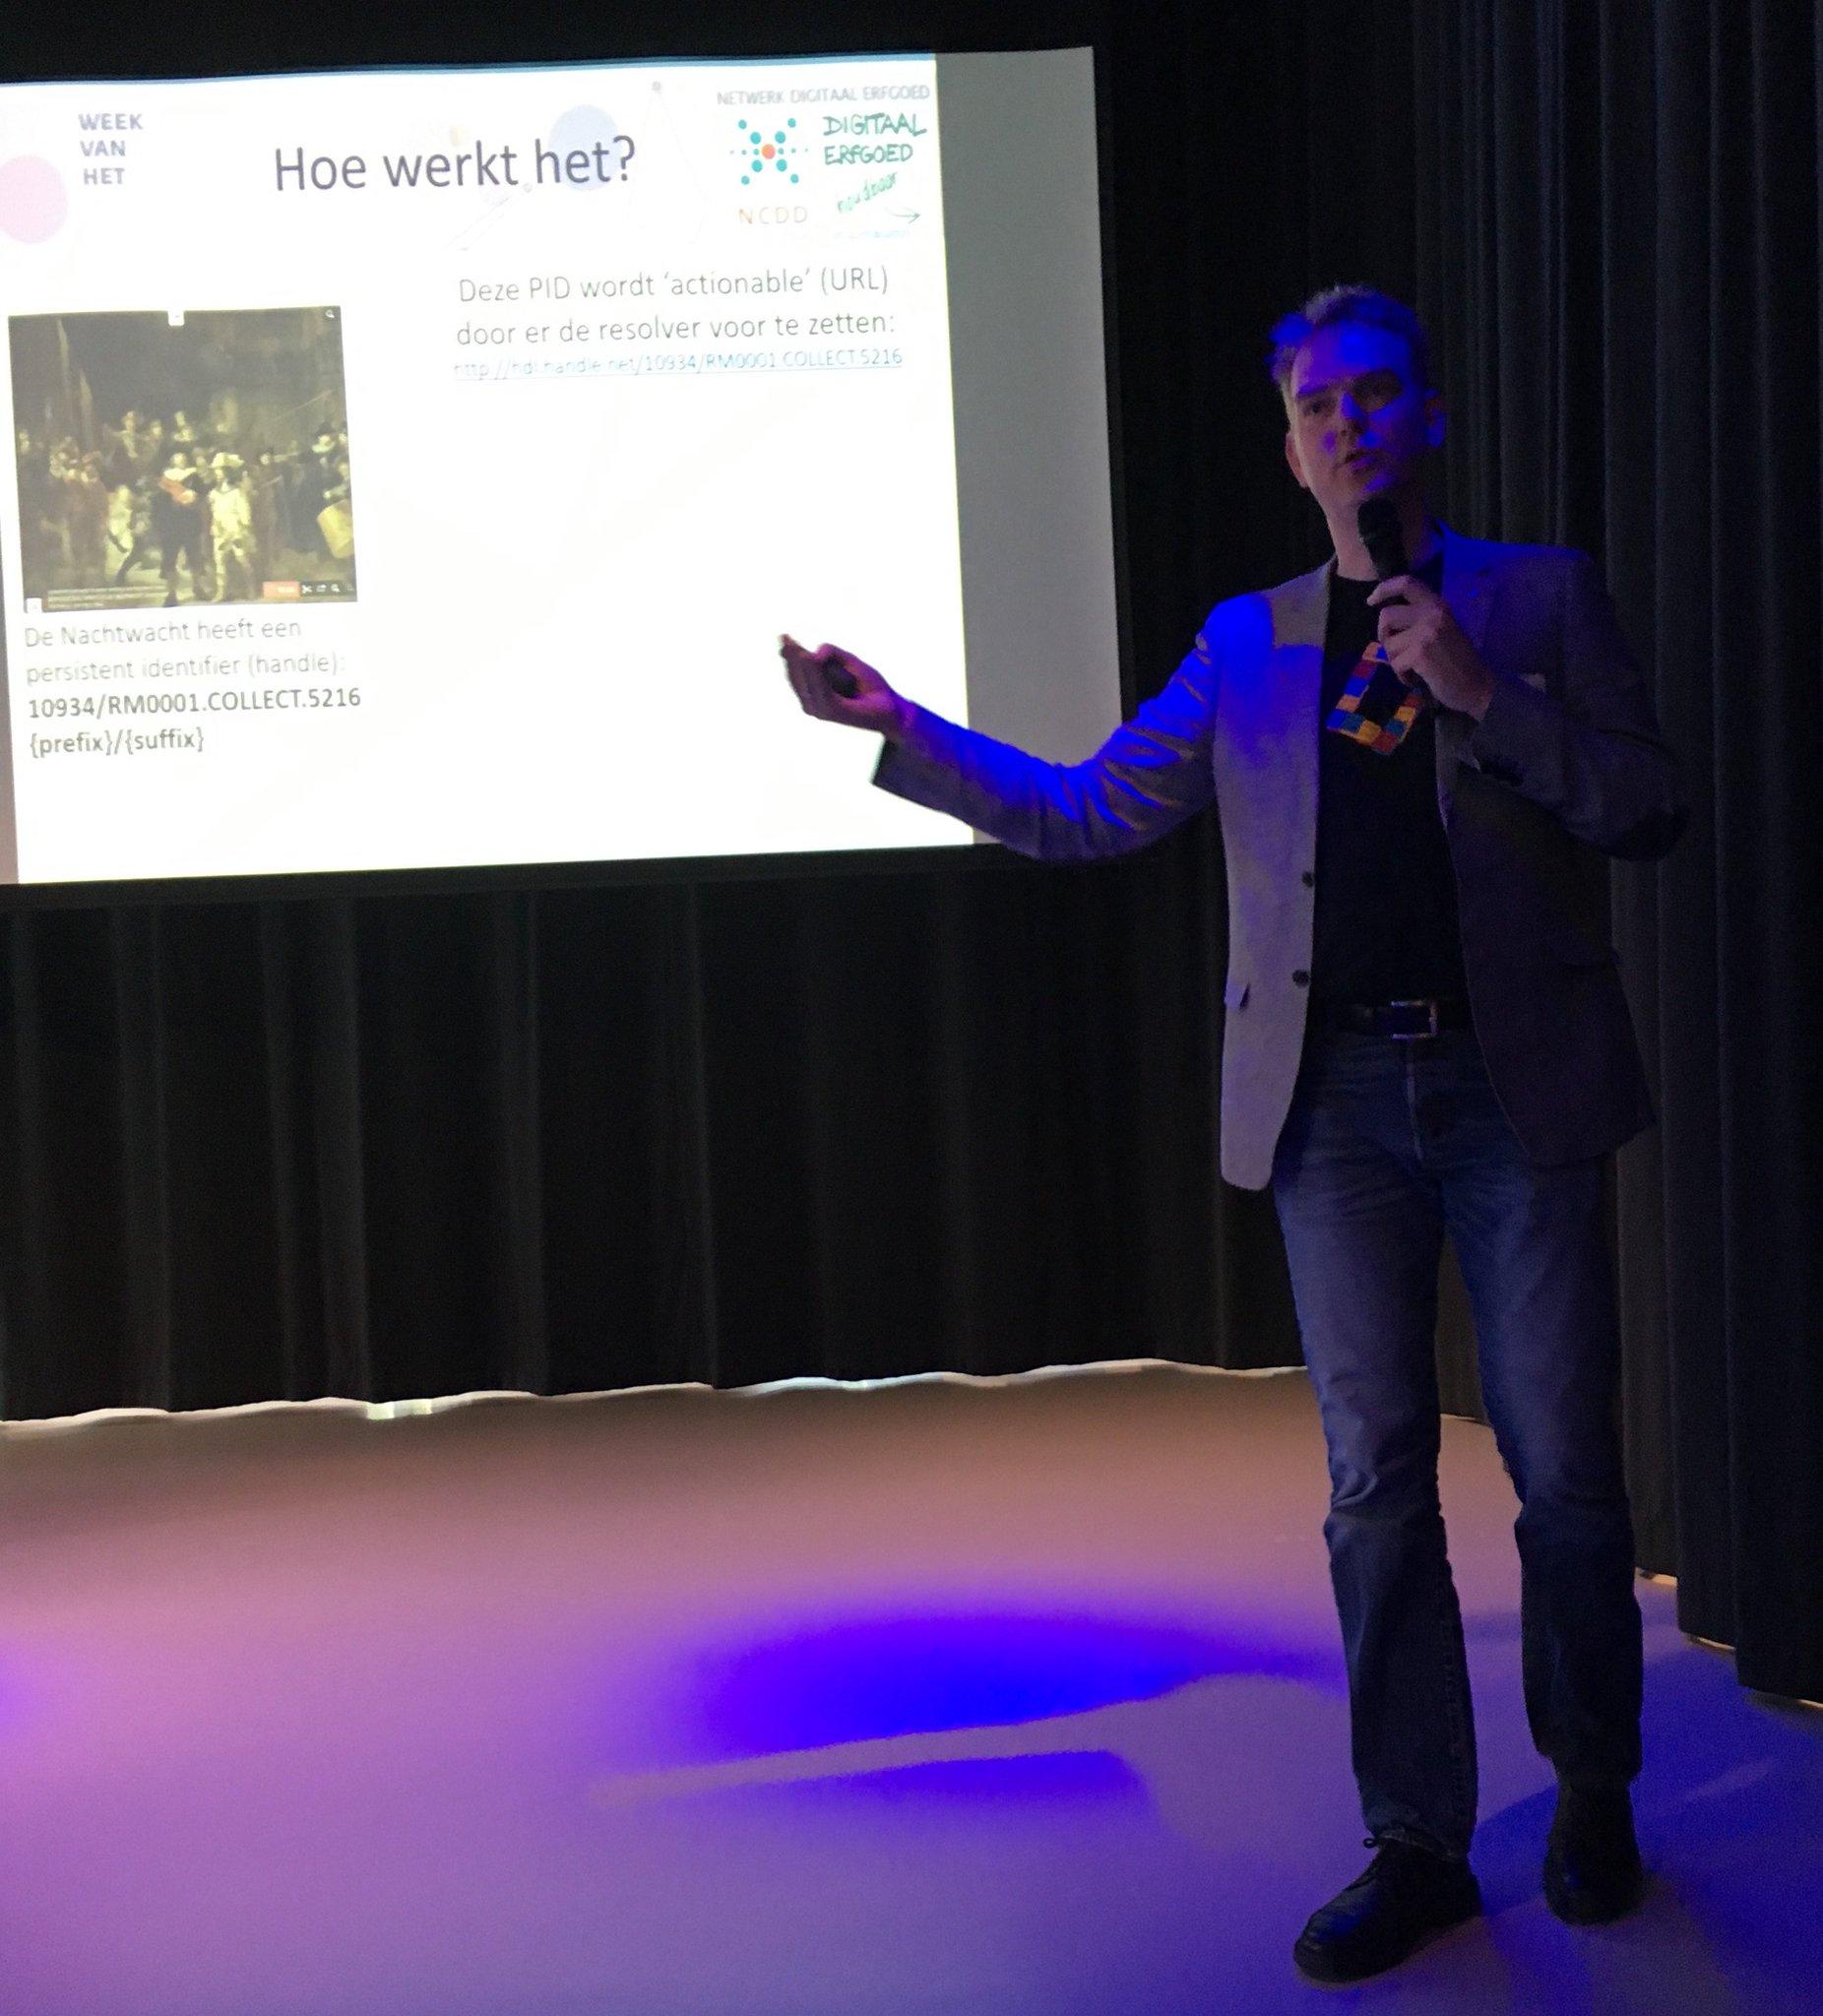 Remco van Veenendaal geeft een introductie in persistent identifiers. #17WDE @info_NCDD https://t.co/nP7NbpZ5M3